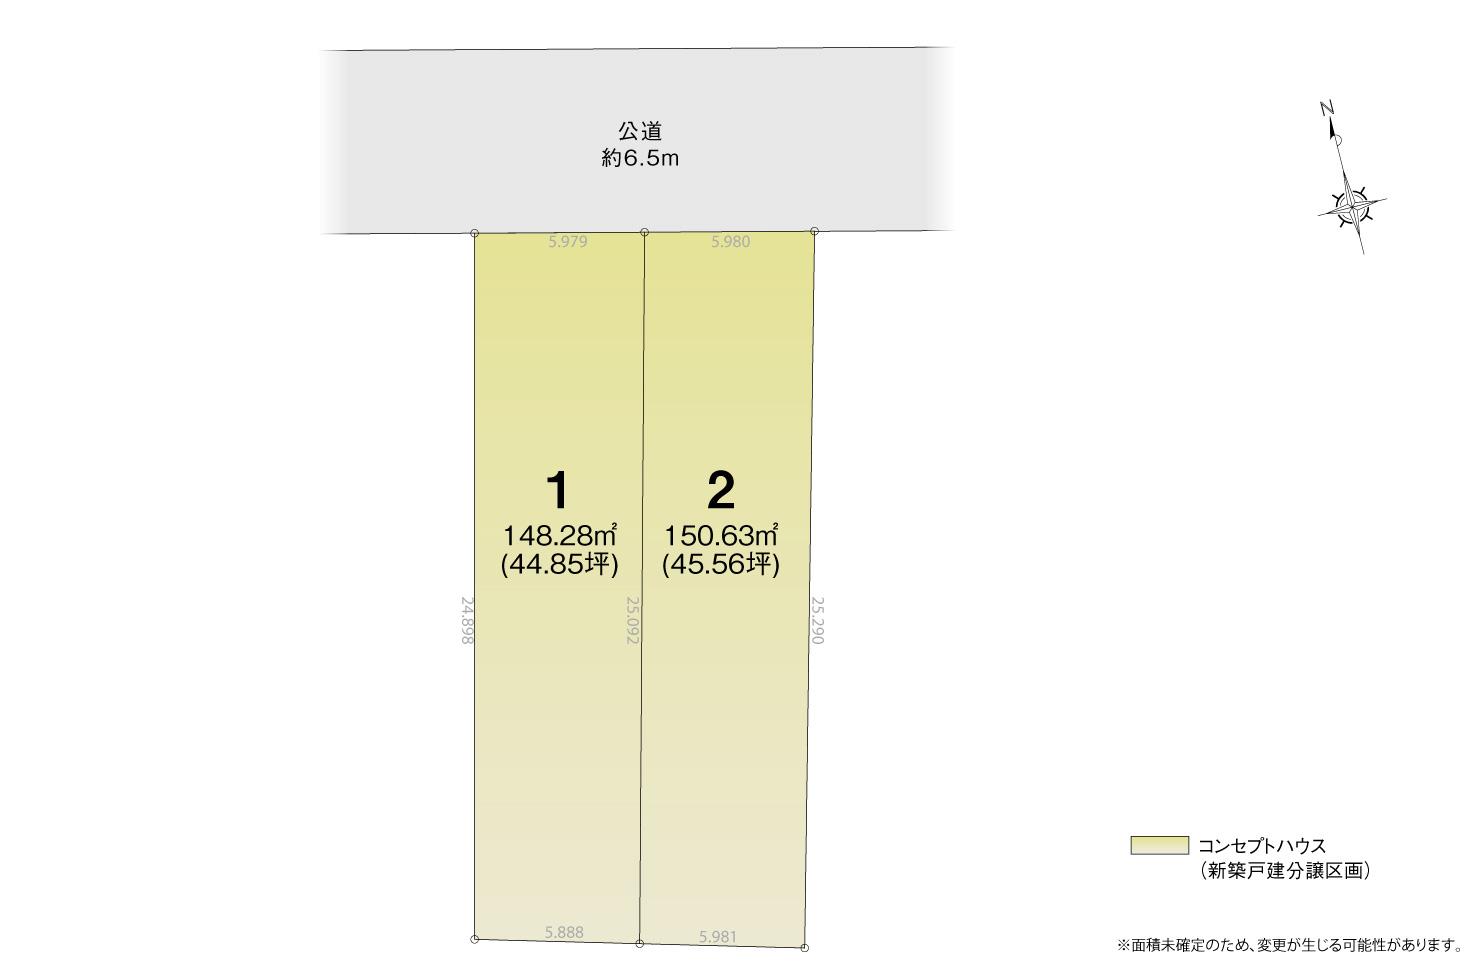 4_区画図_緑区青山